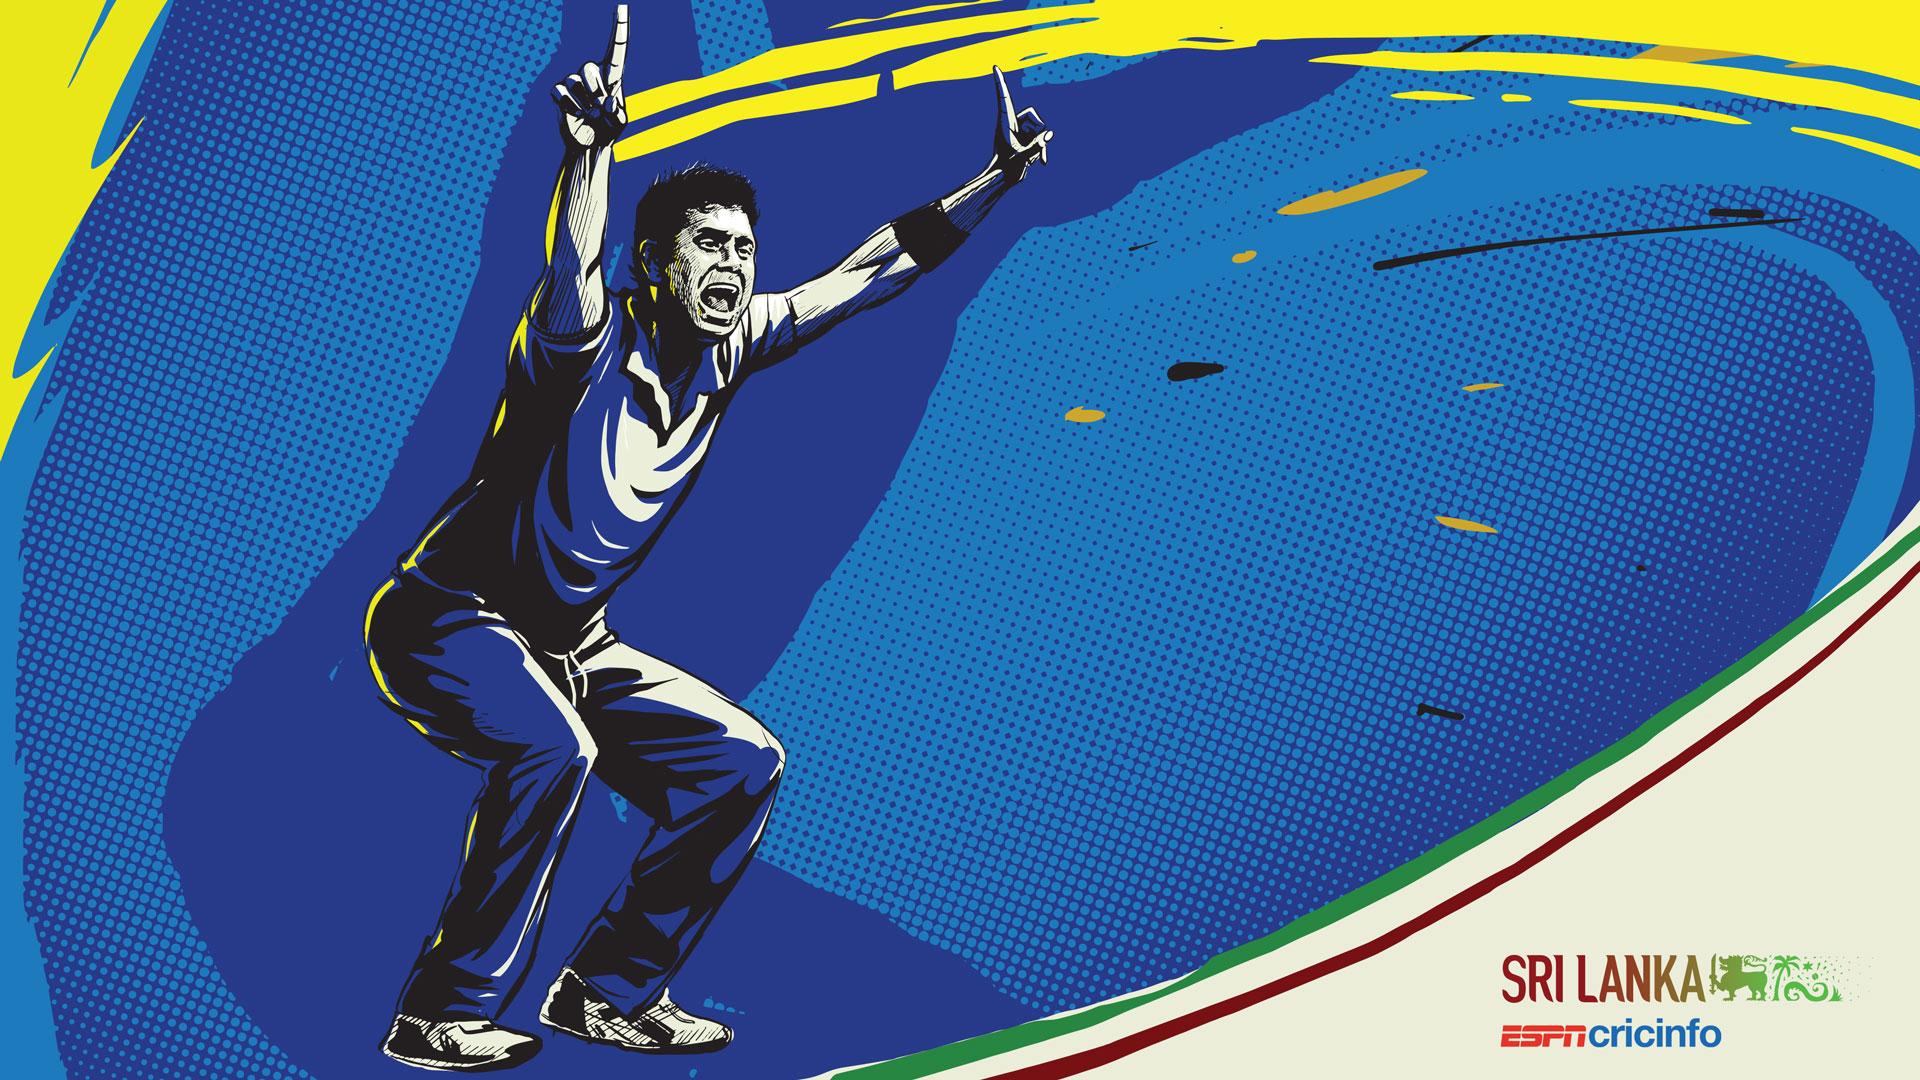 World Cup - Sri Lanka | Cricket